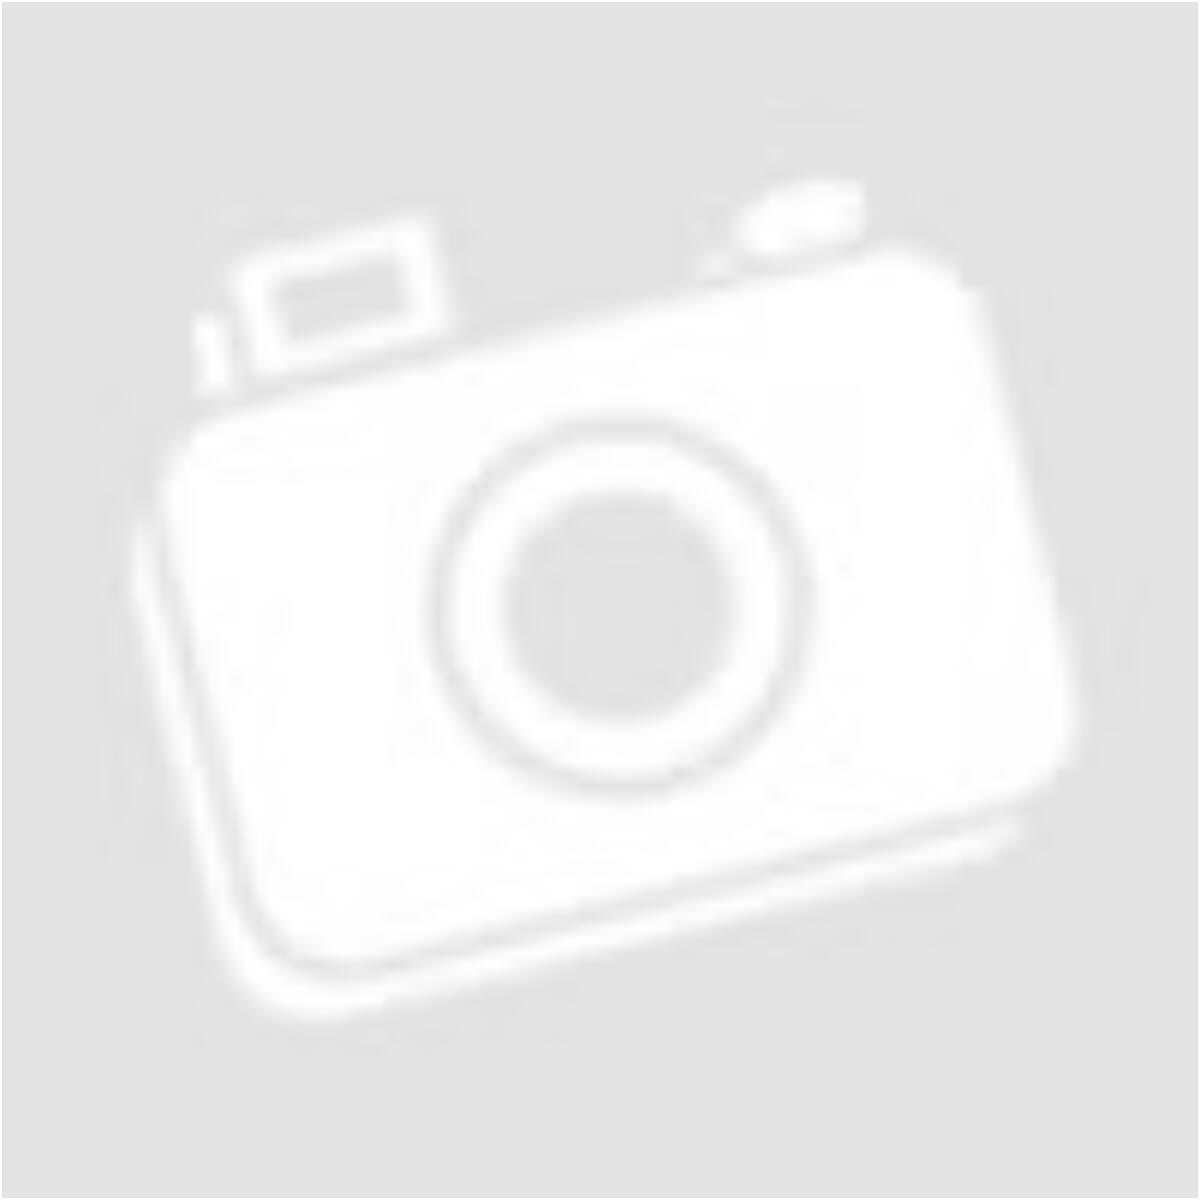 Moncler kabát 0-ás - Női télikabátok ec4fb1bd4d